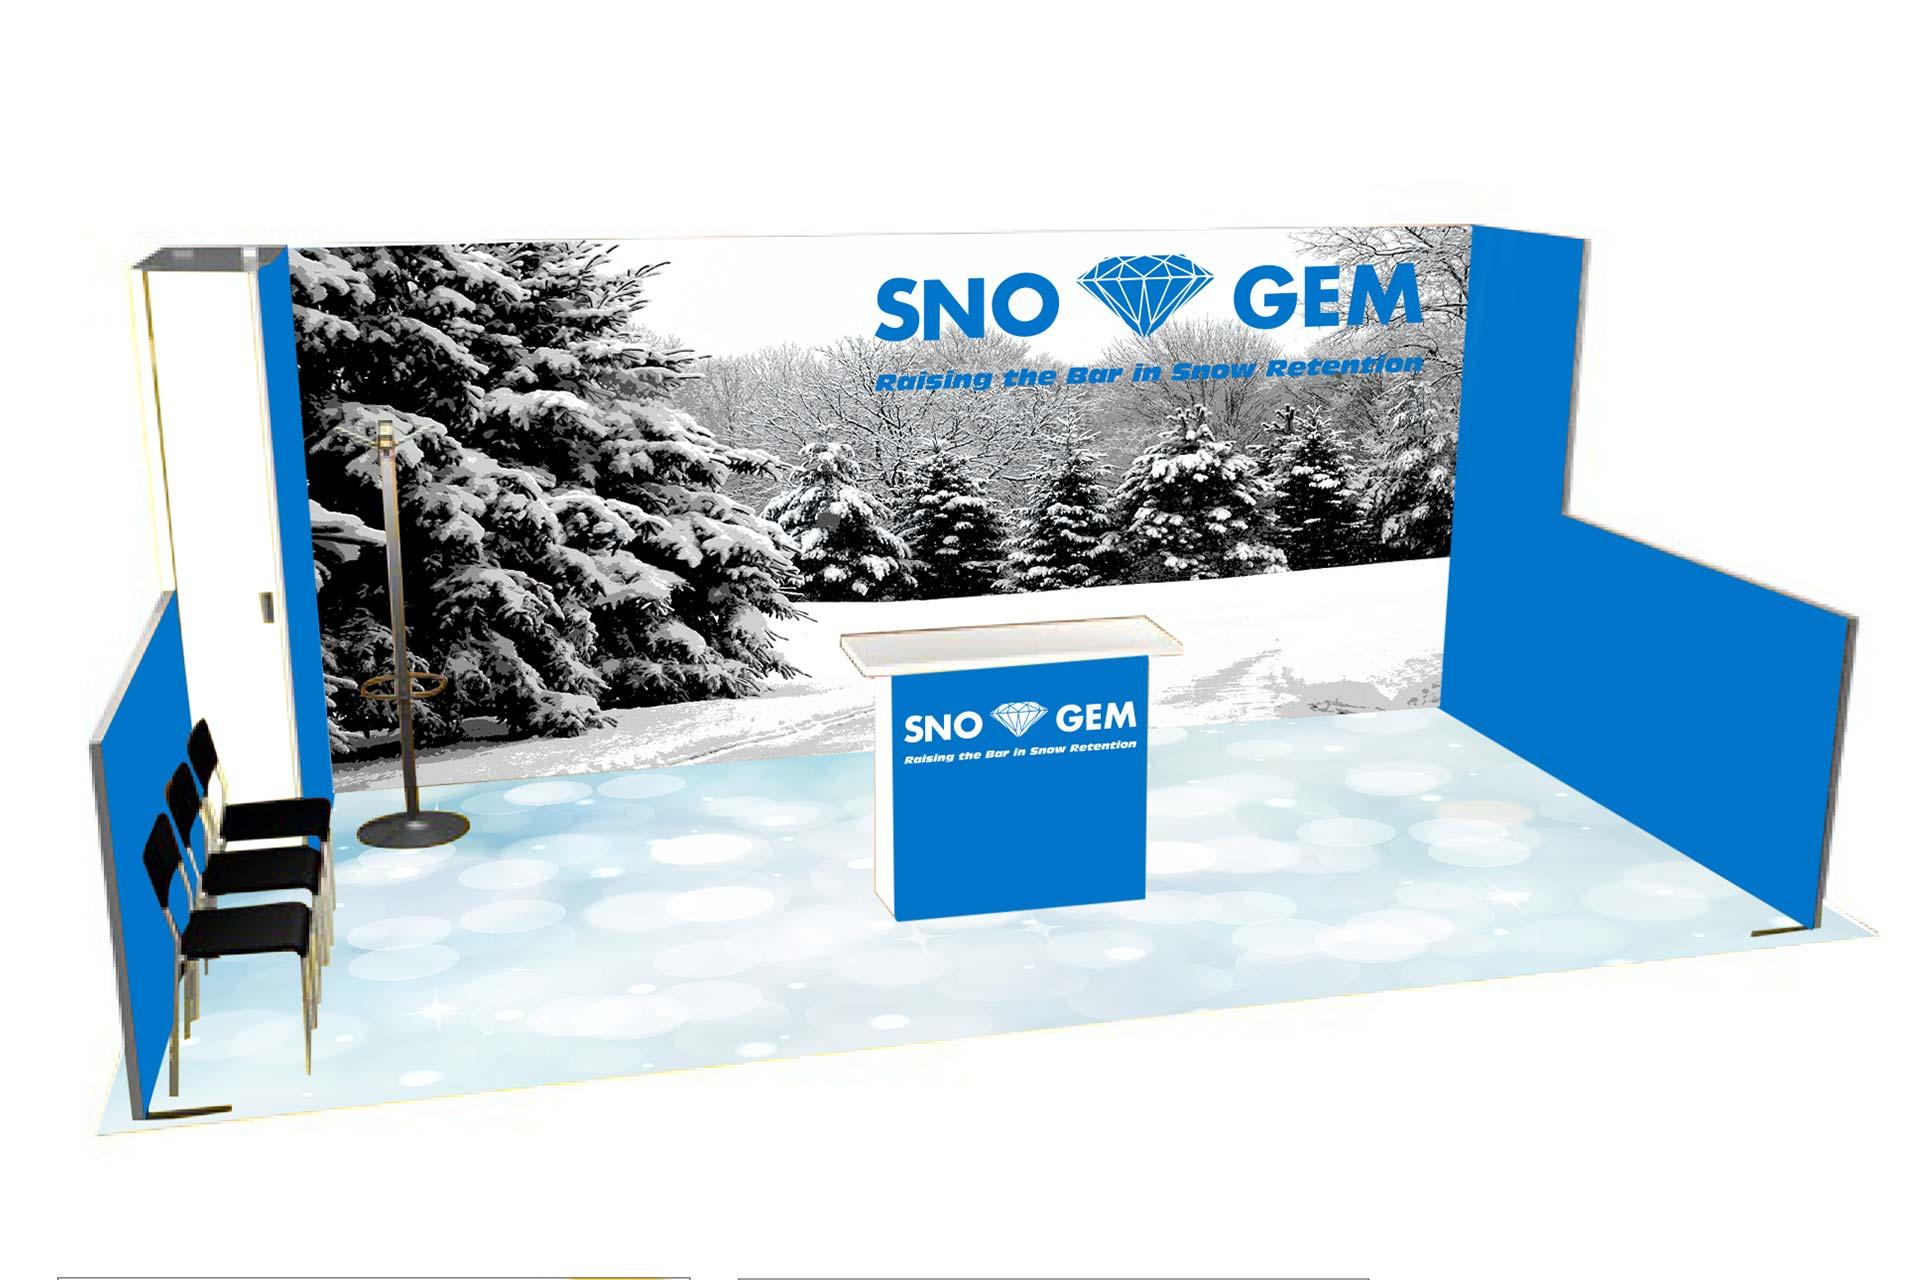 Sno Gem Trade Show Booth - Concept 3